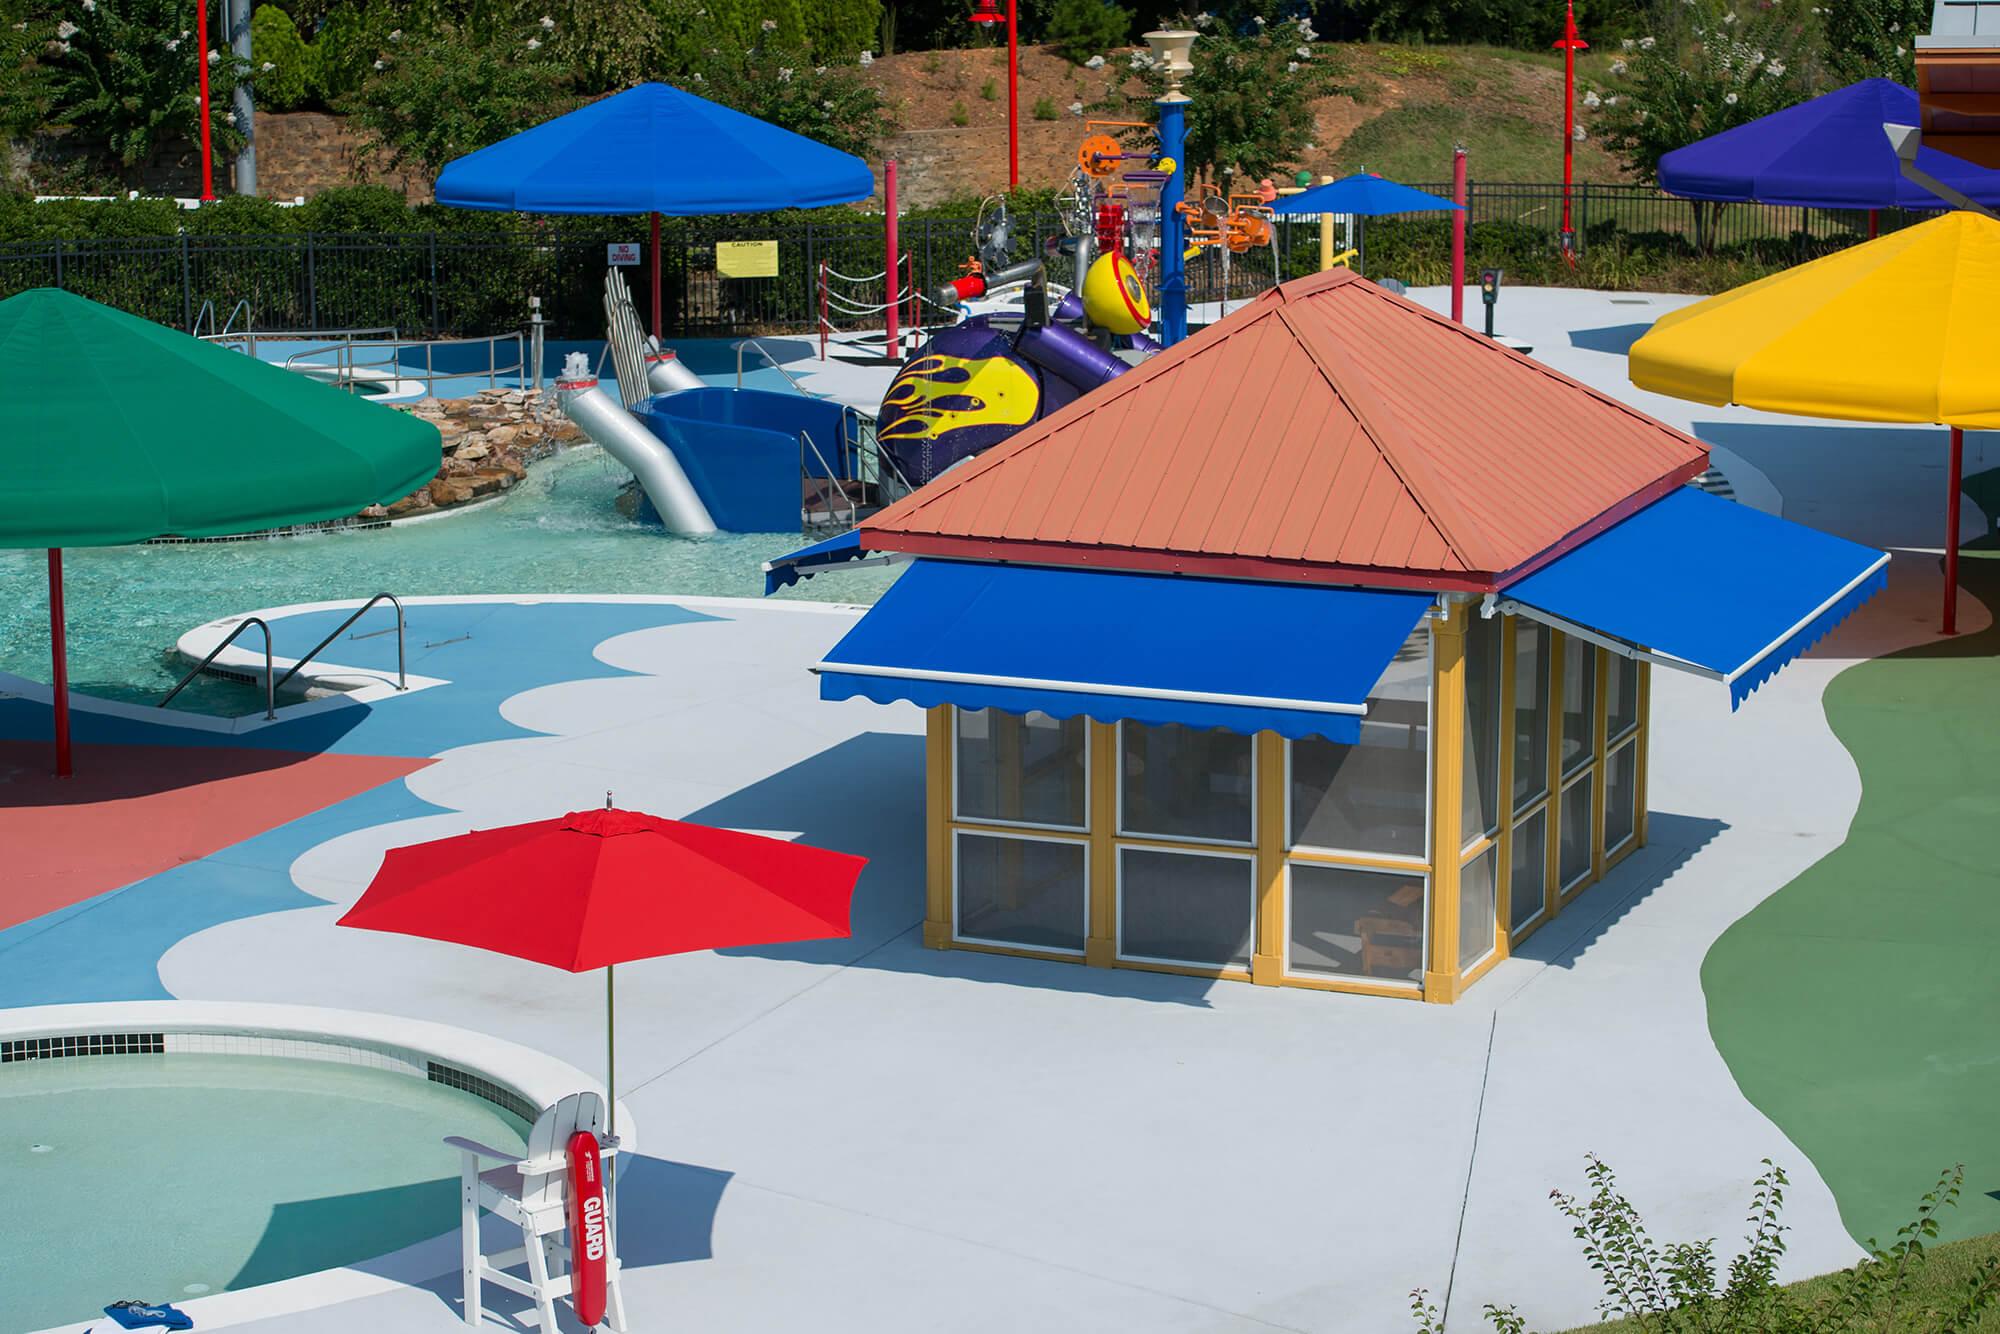 带颜色的雨伞和深蓝色的可伸缩遮阳蓬为水上公园遮阴